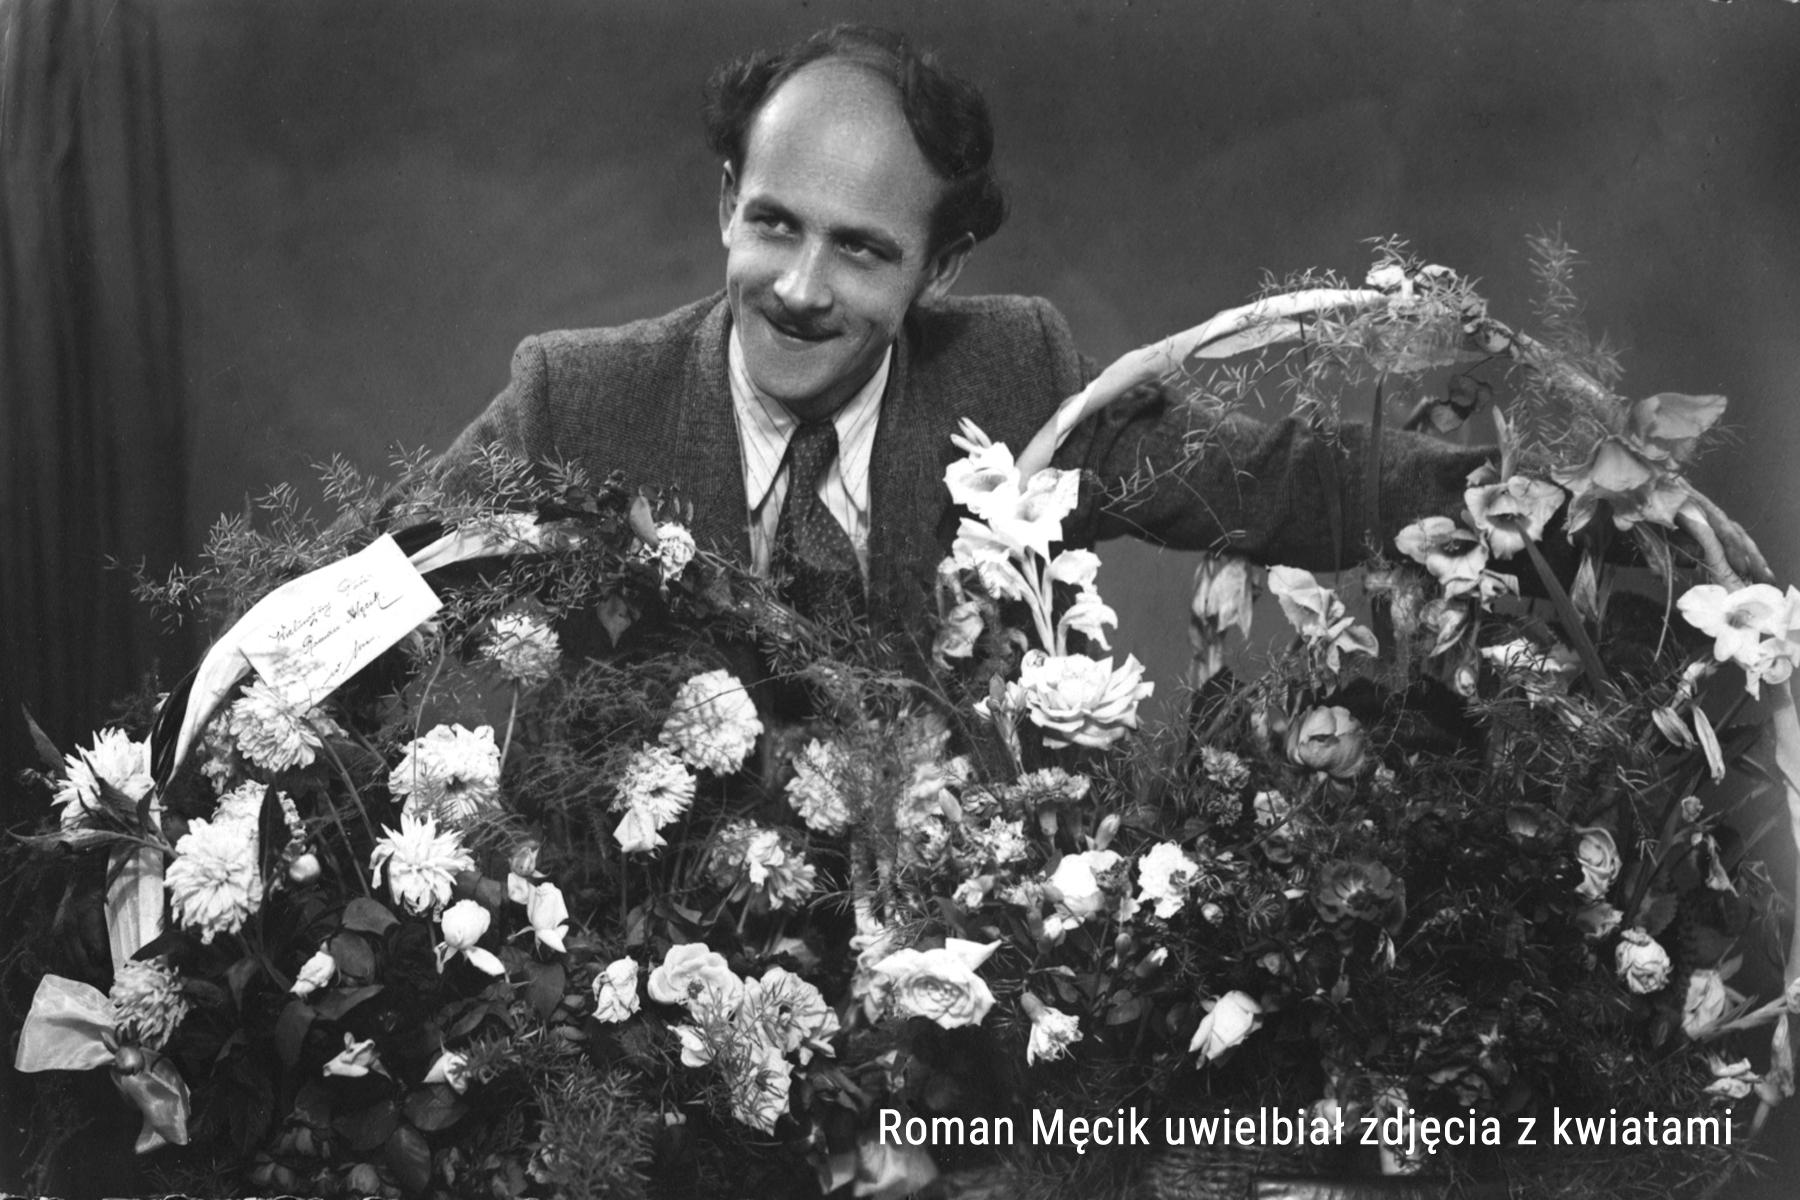 Roman Męcik z kwiatami